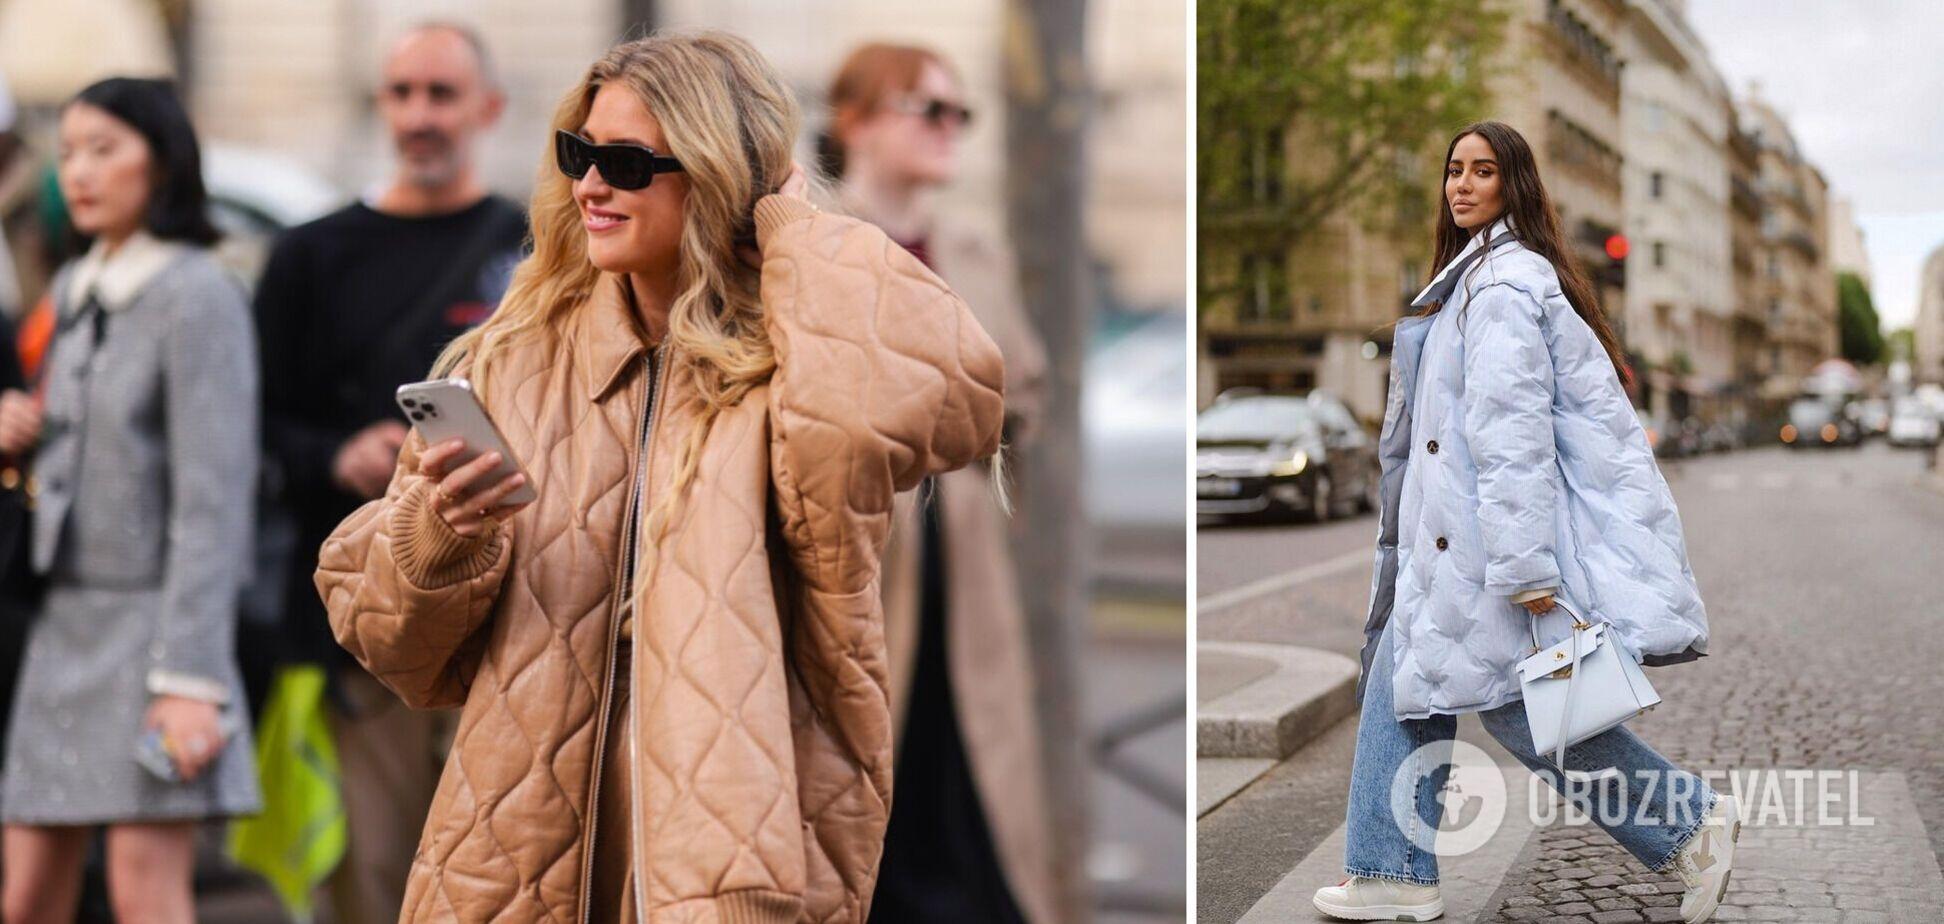 З чим носити трендові куртки цієї осені: готові образи від зірок Instagram. Фото